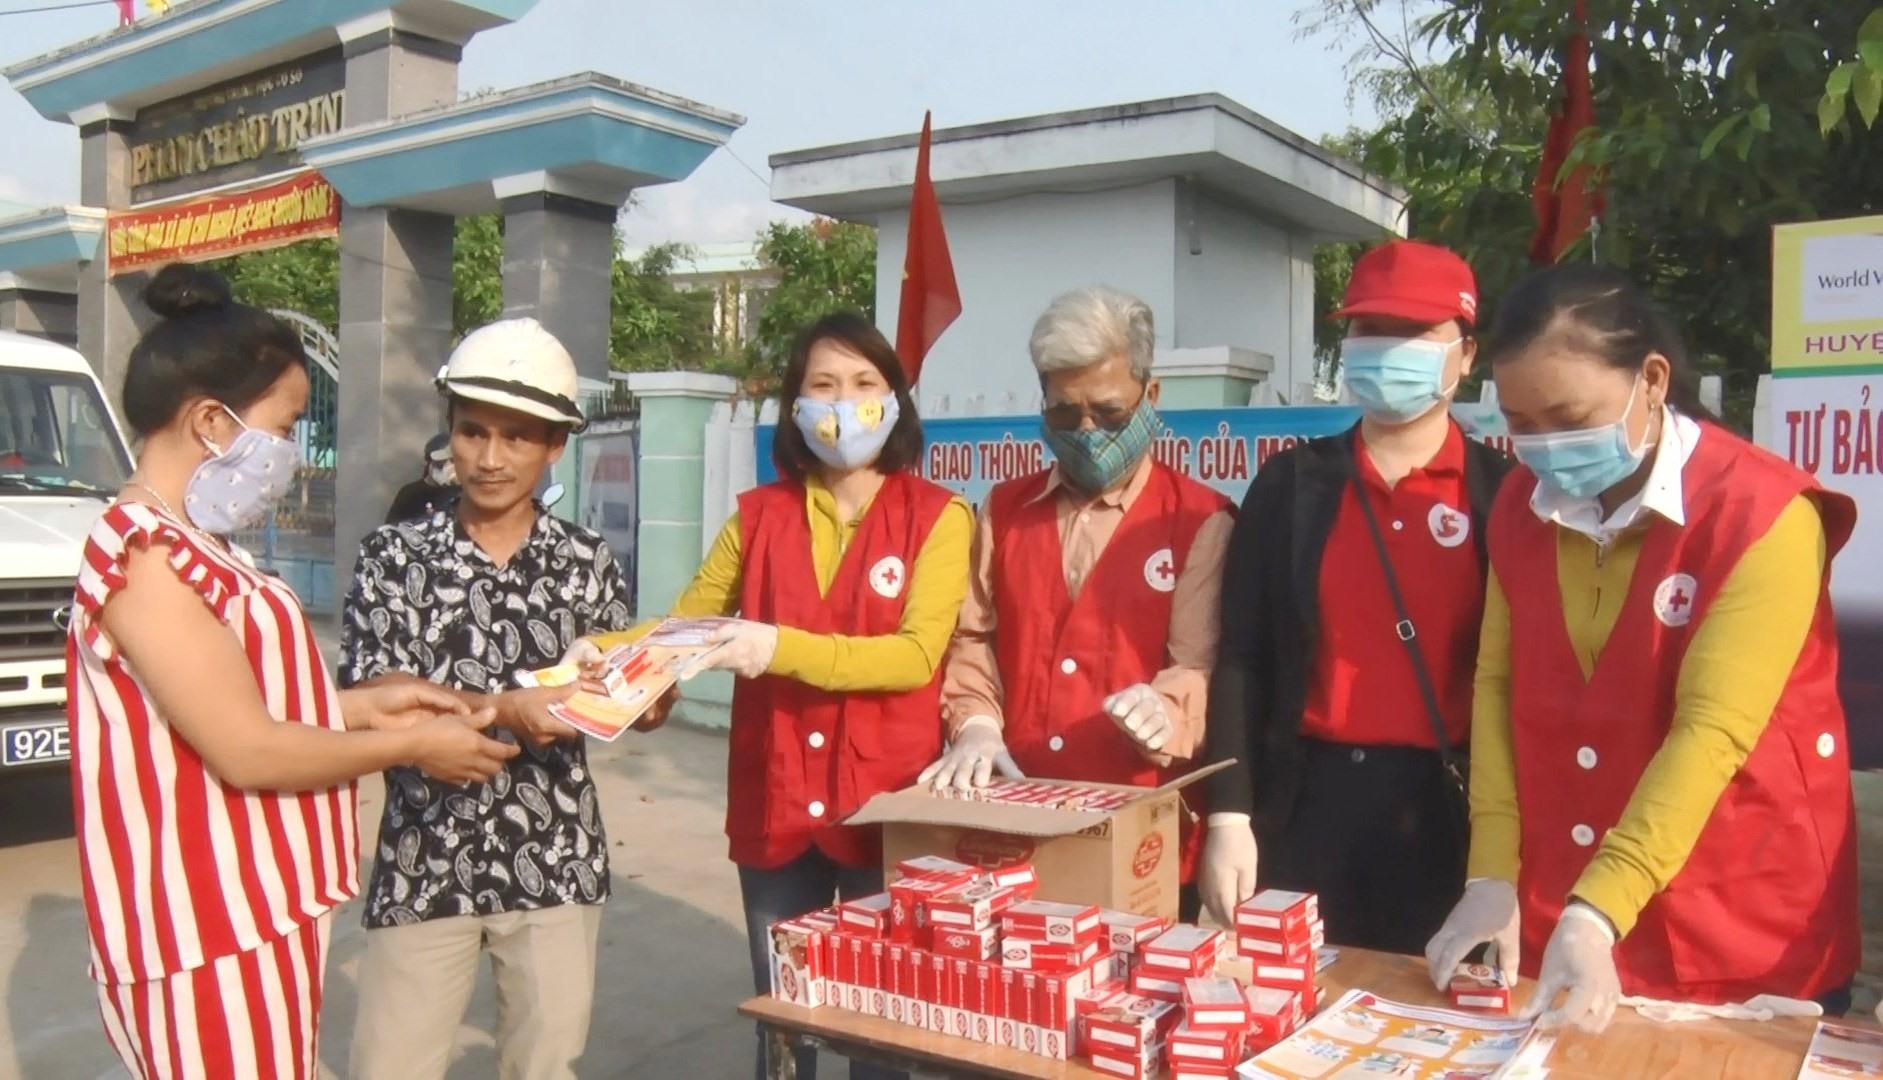 heo đó, Hội Chữ thập đỏ Nông Sơn phát miễn phí hơn 500 hộp xà phòng Lifebuoy diệt khuẩn